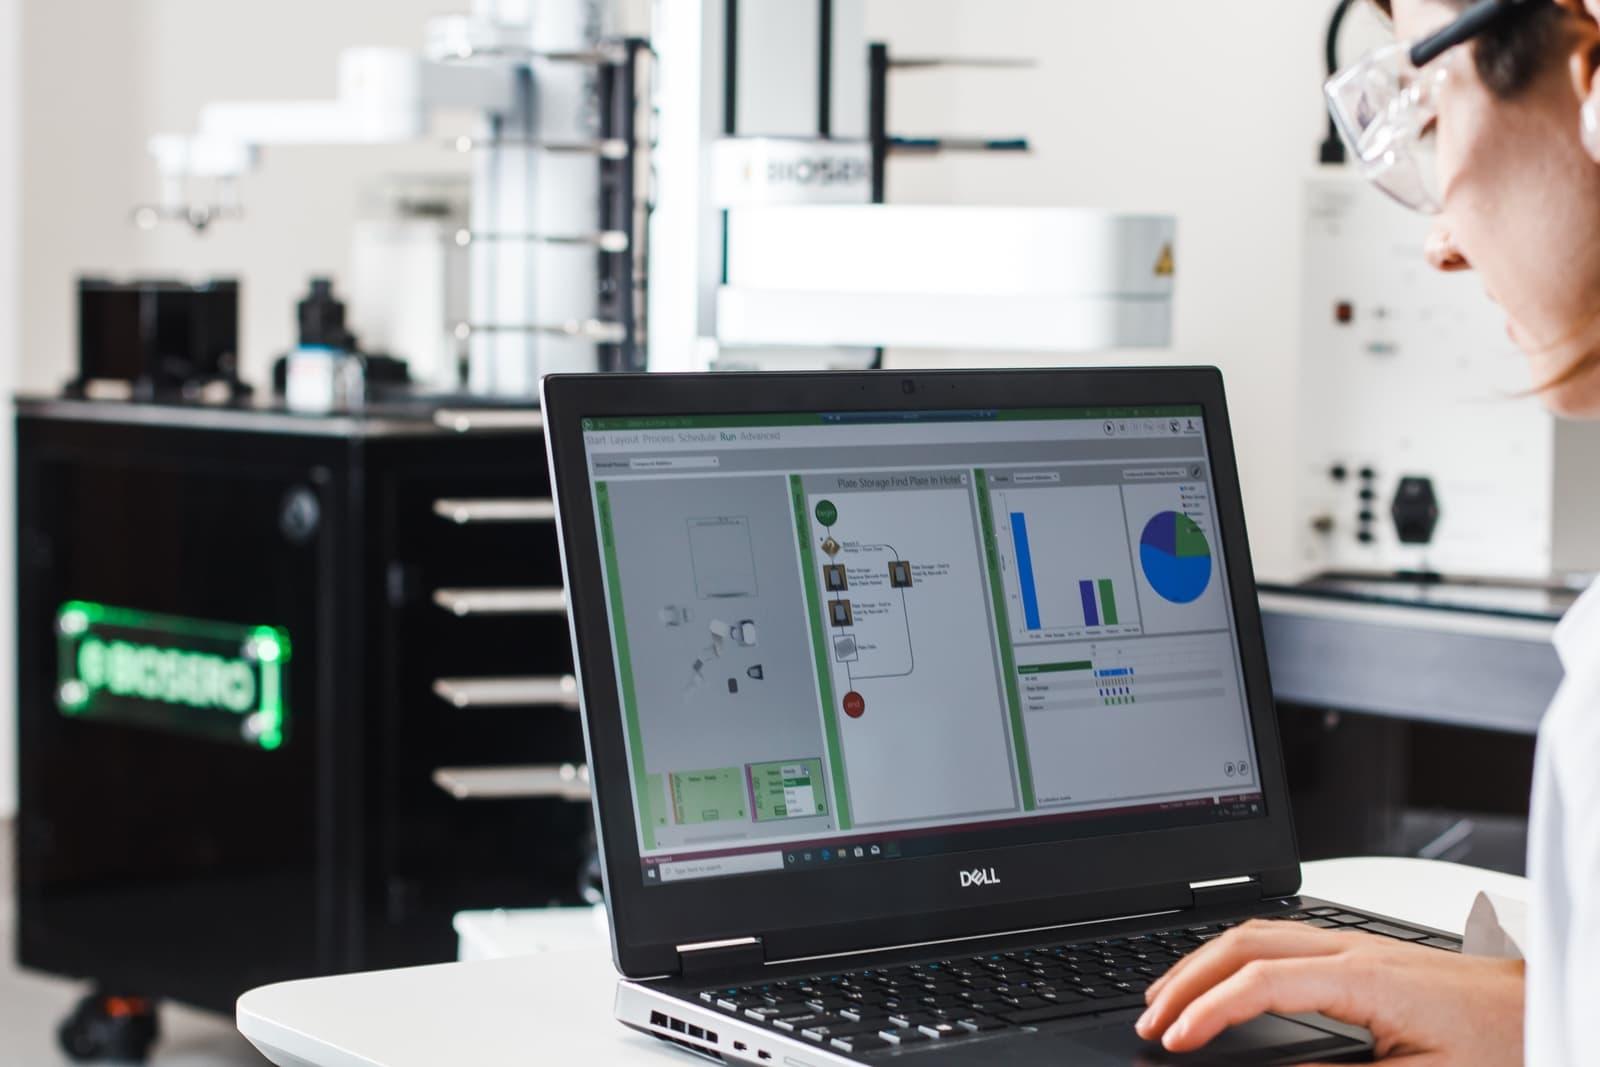 Biosero Acceleration Lab 3 Green Button Go